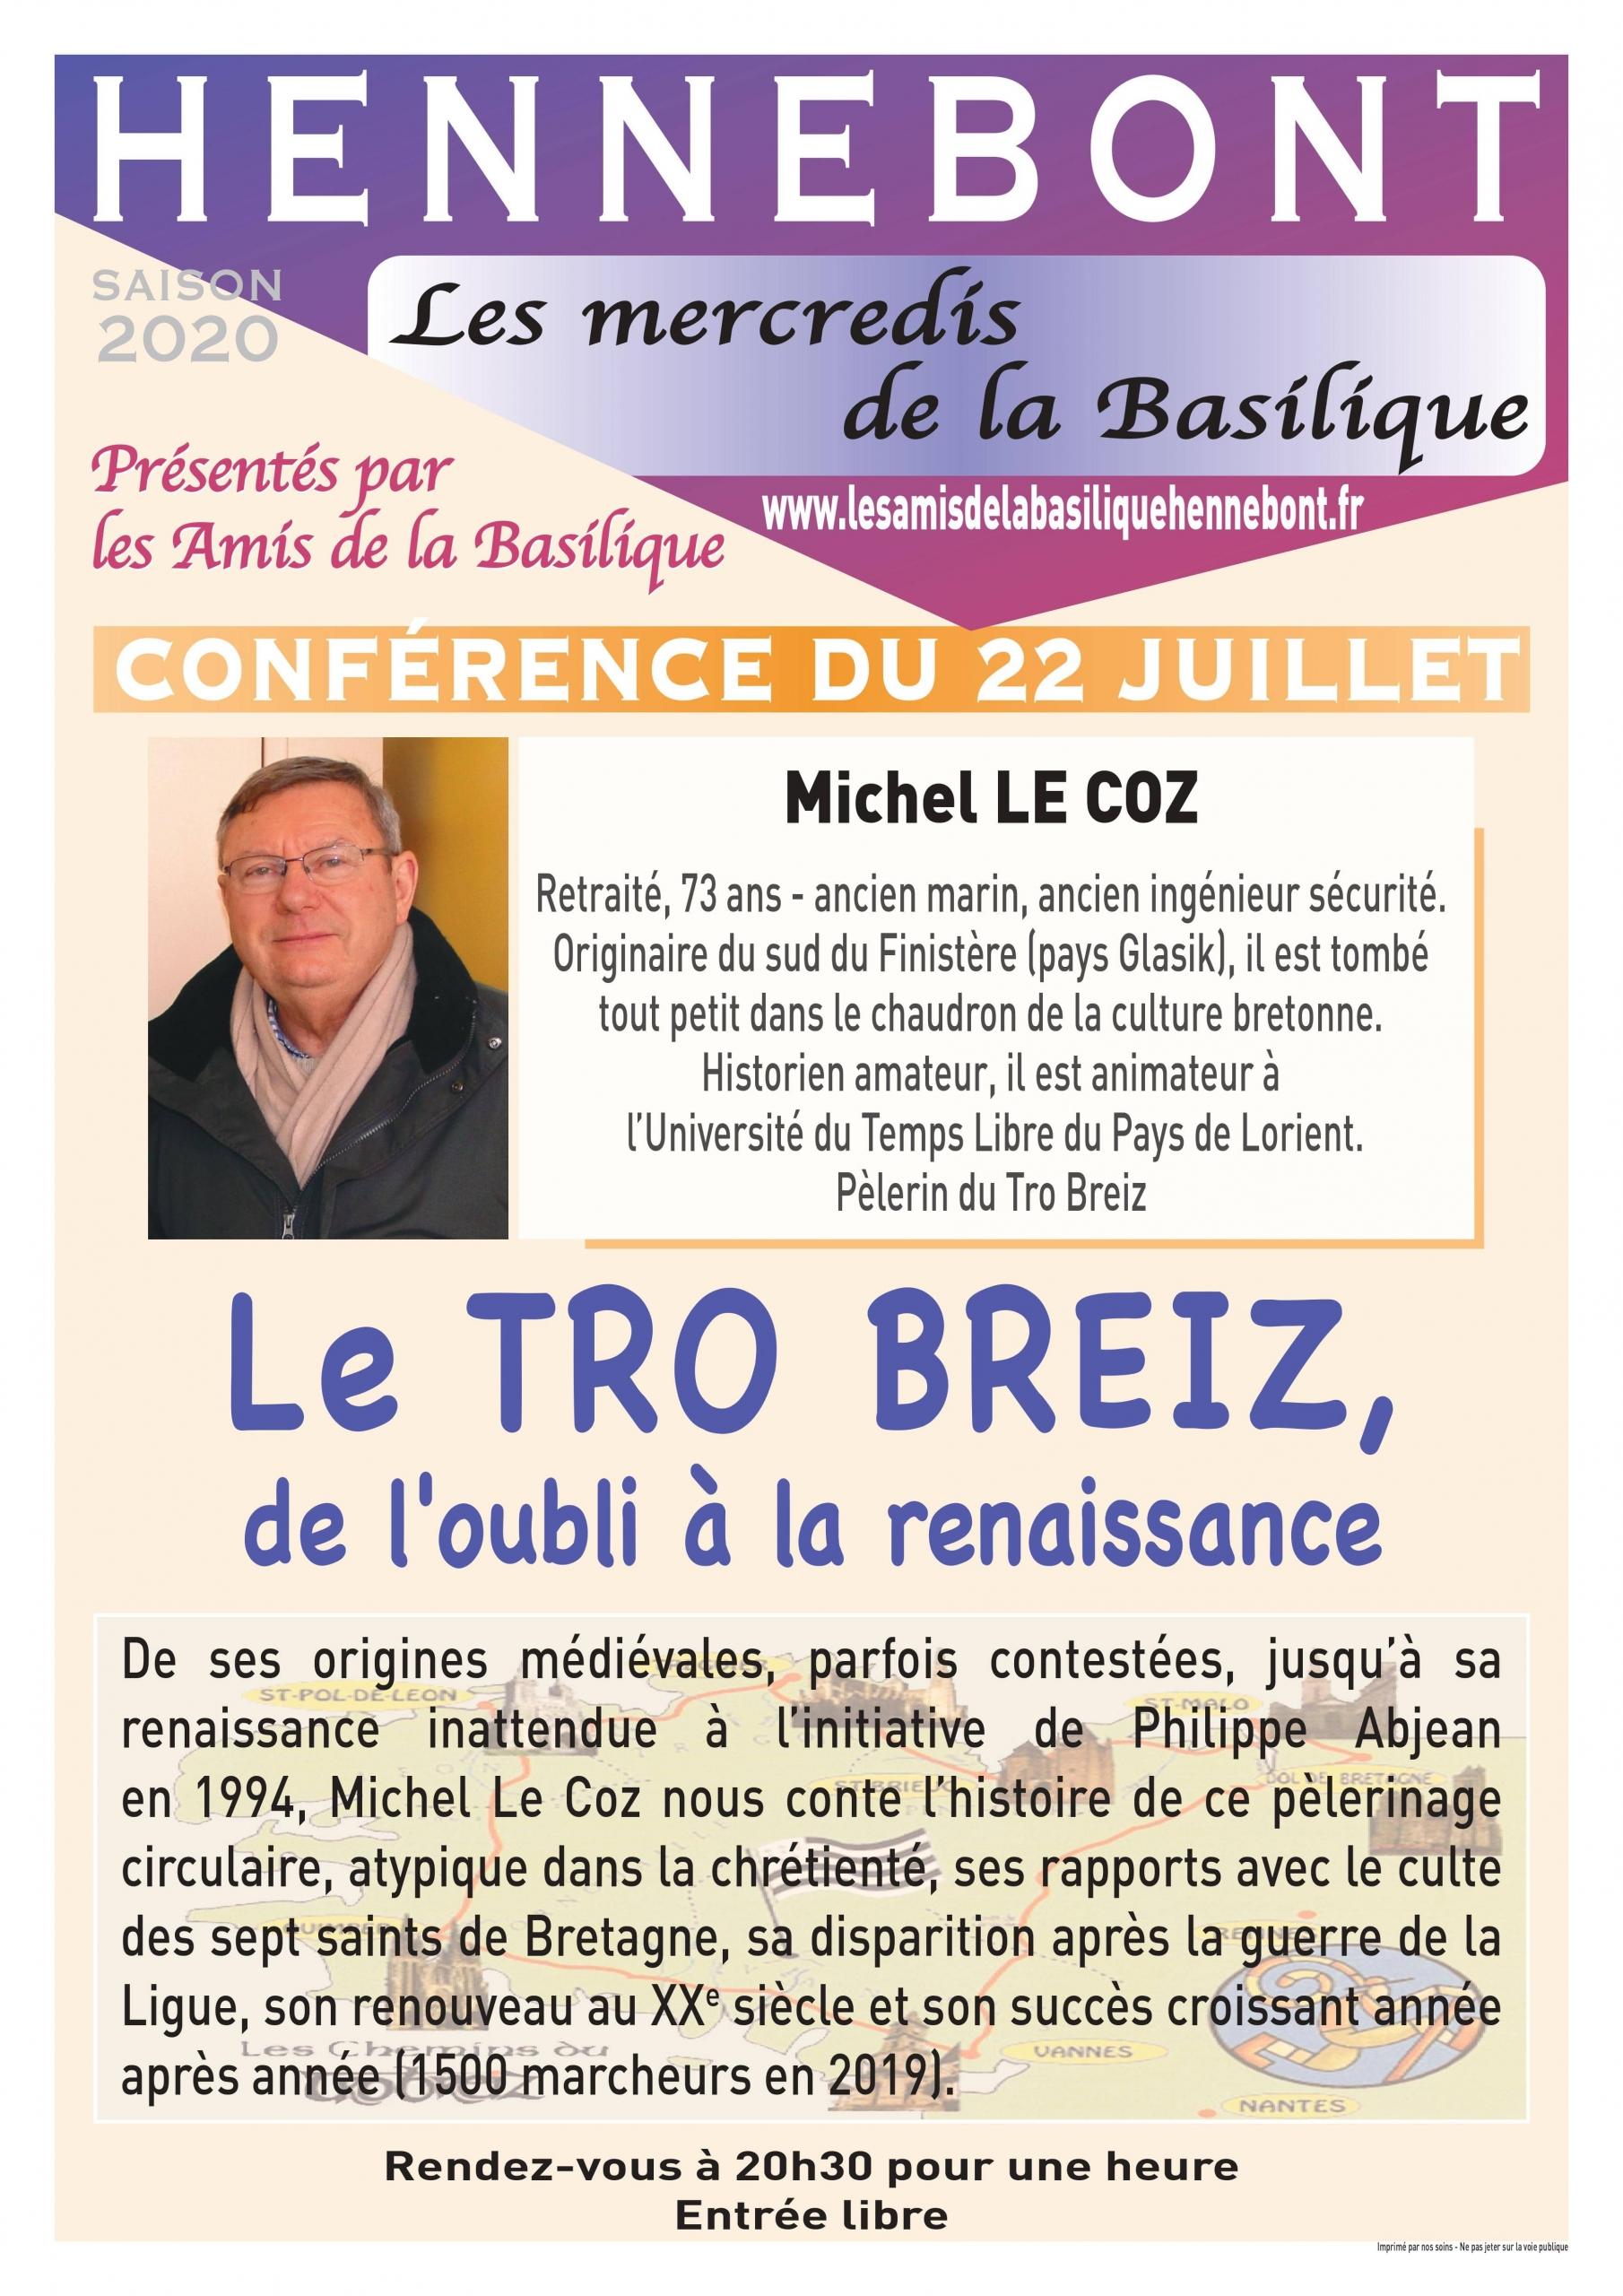 Conférence de Michel Le Coz - Mercredis de la Basilique Hennebont